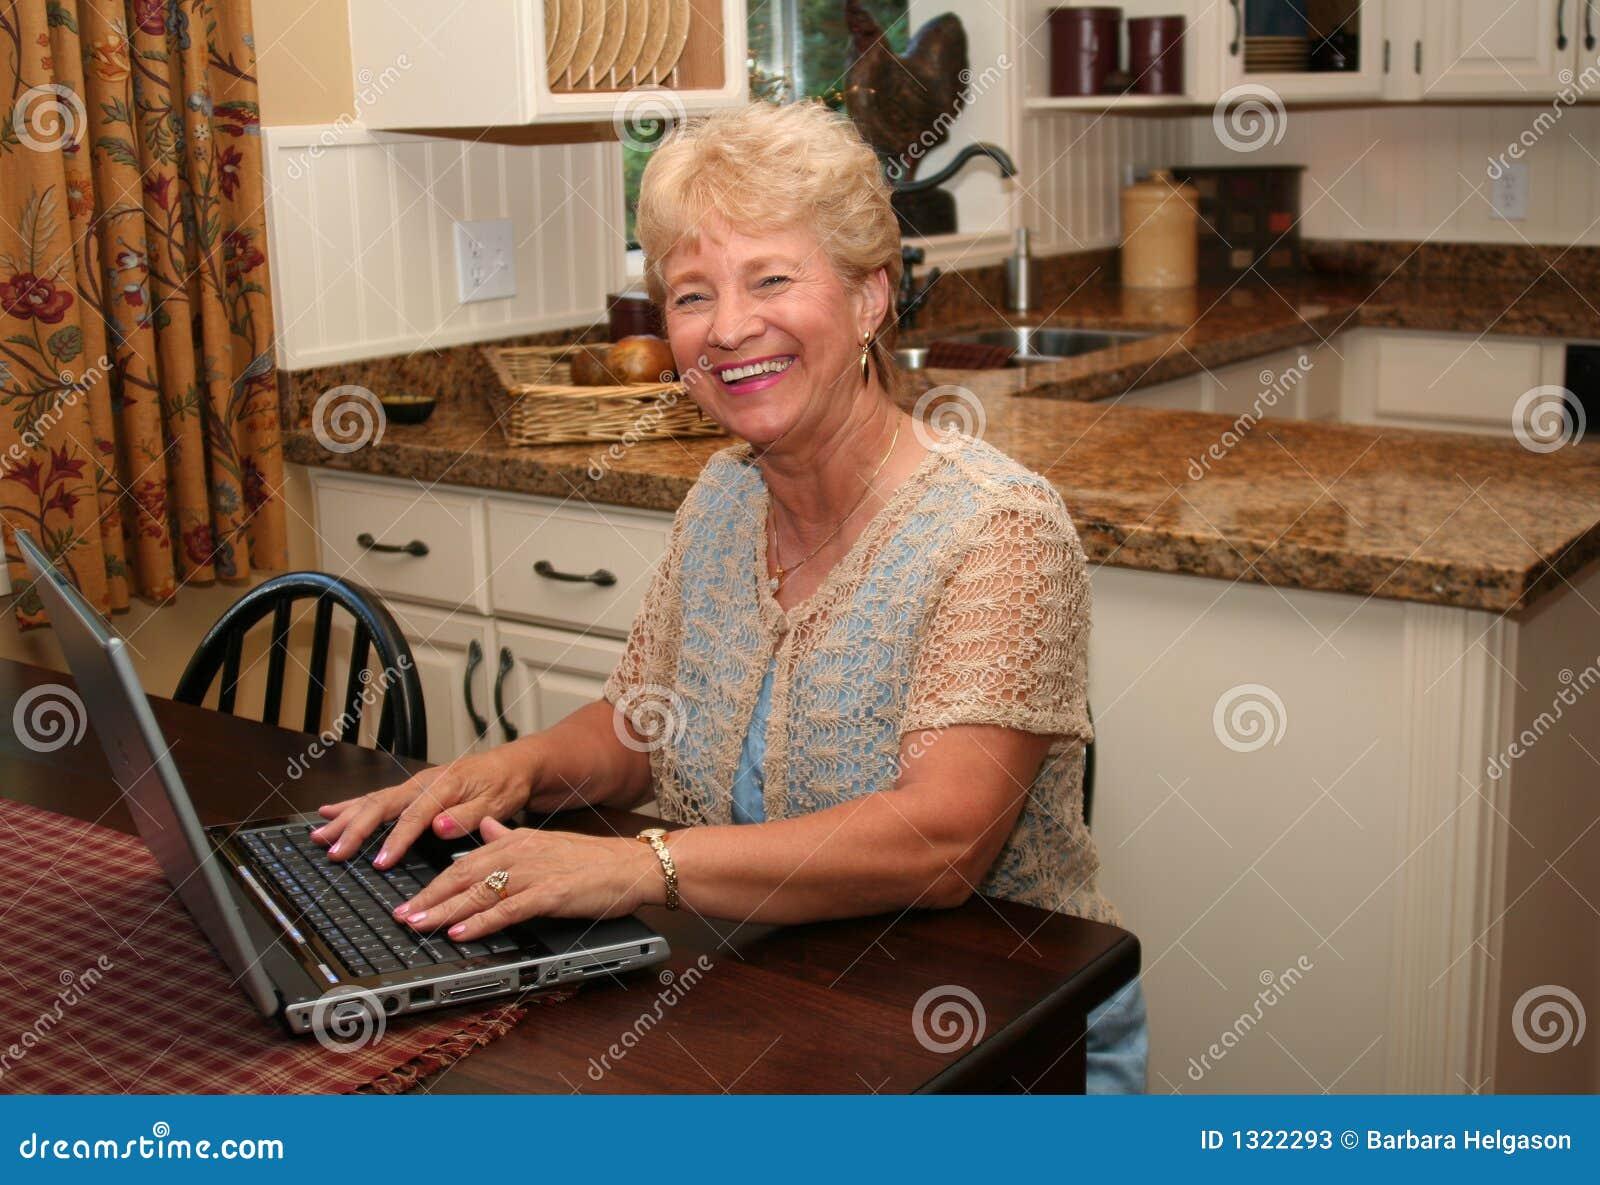 Grandma on-line